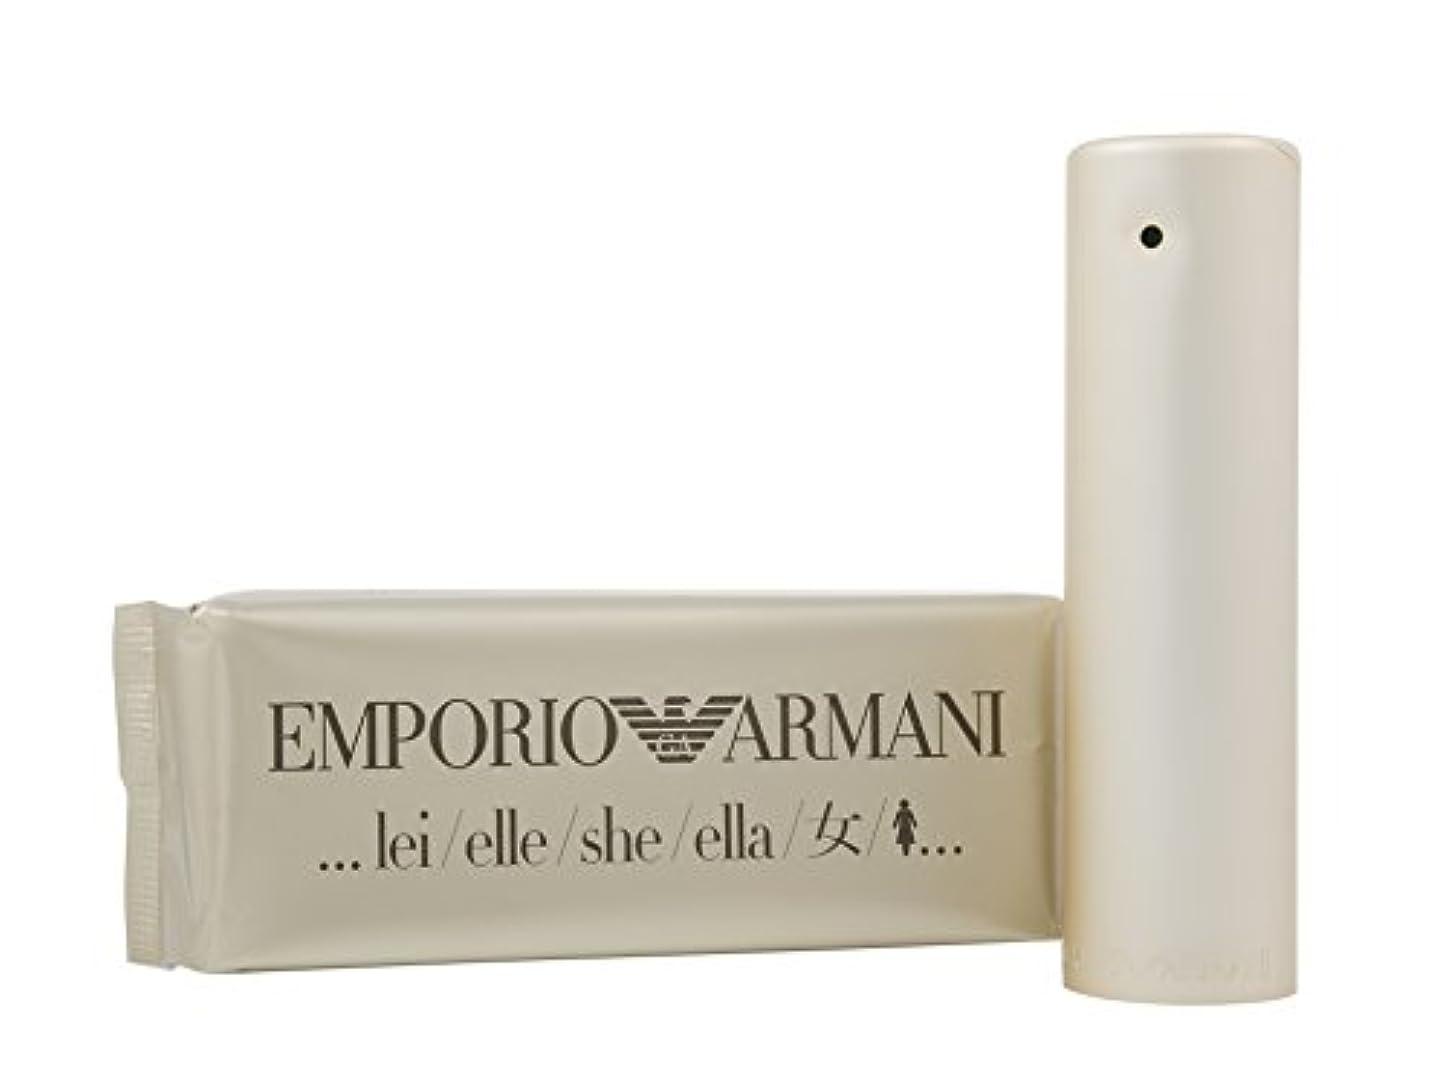 メーカー熟達ほこりっぽいエンポリオアルマーニ EMPORIO ARMANI エンポリオシー 100ml EDP SP オードパルファムスプレー(エンポリオハー、エンポリオウーマン)